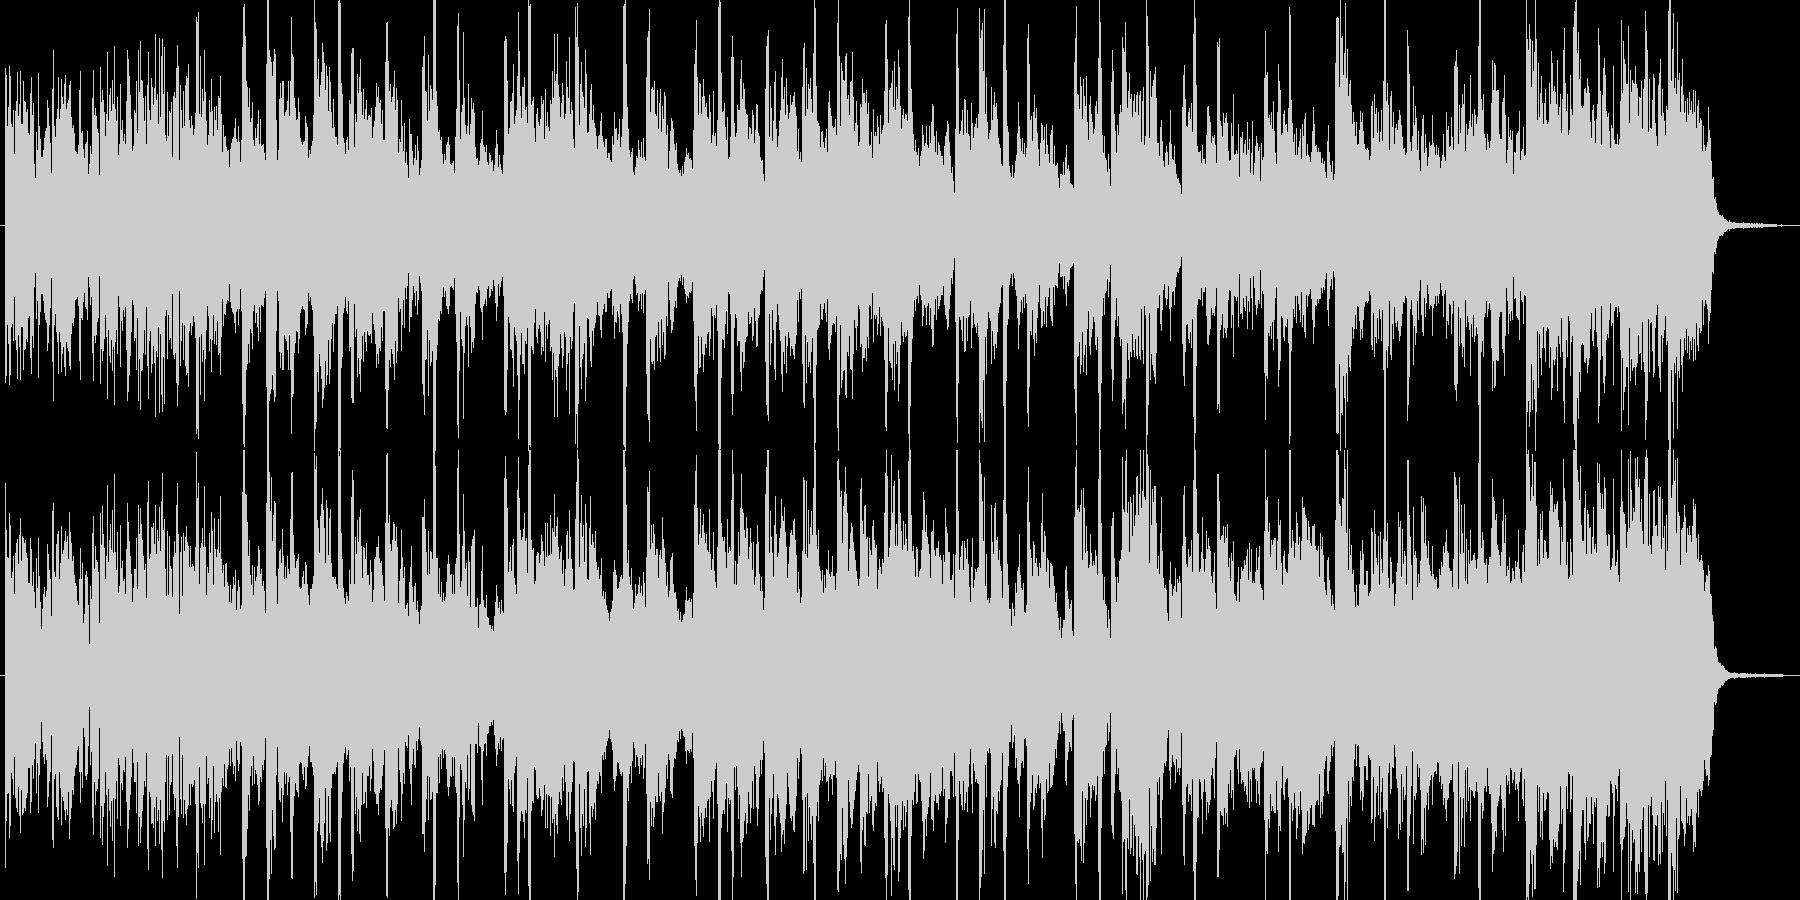 ファンキーで軽快なシンセジングルの未再生の波形